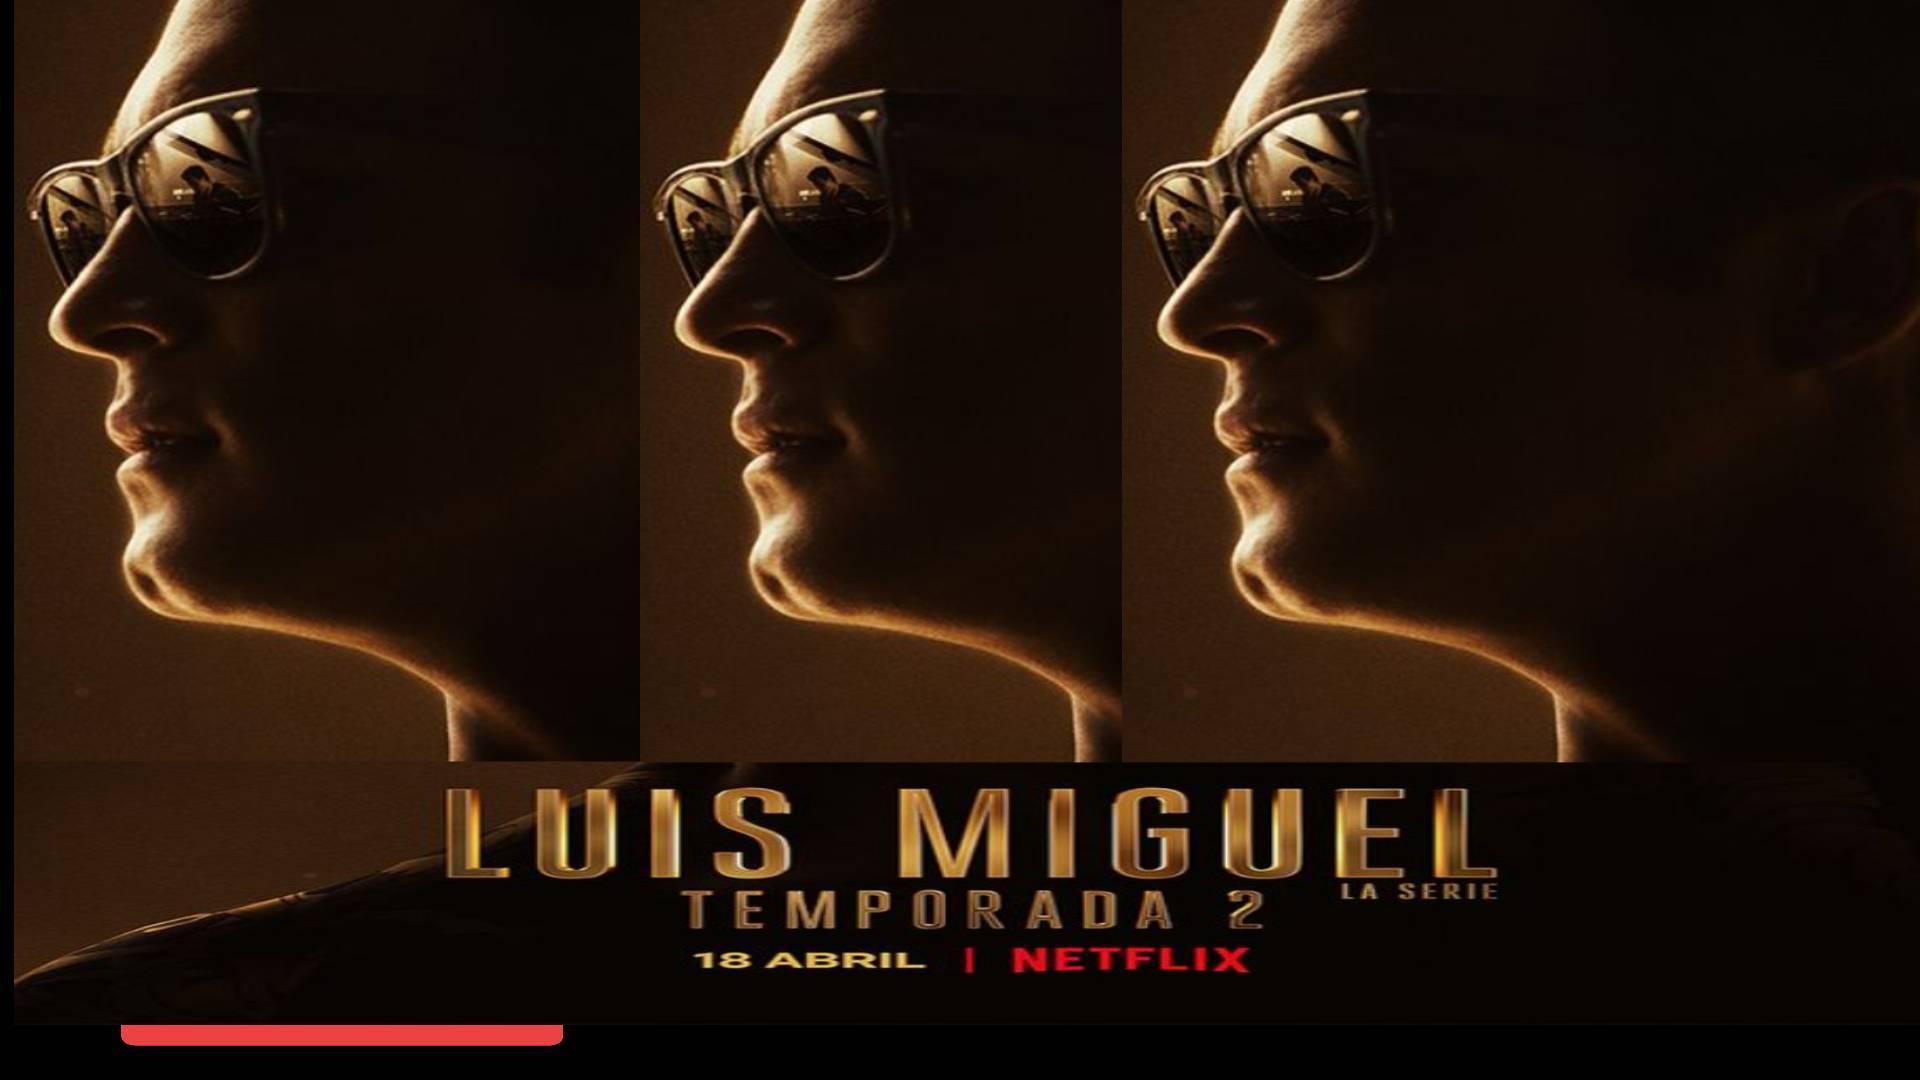 ACTORES, CAST, ELENCO, REPARTO EN Luis Miguel: La Serie temporada 2